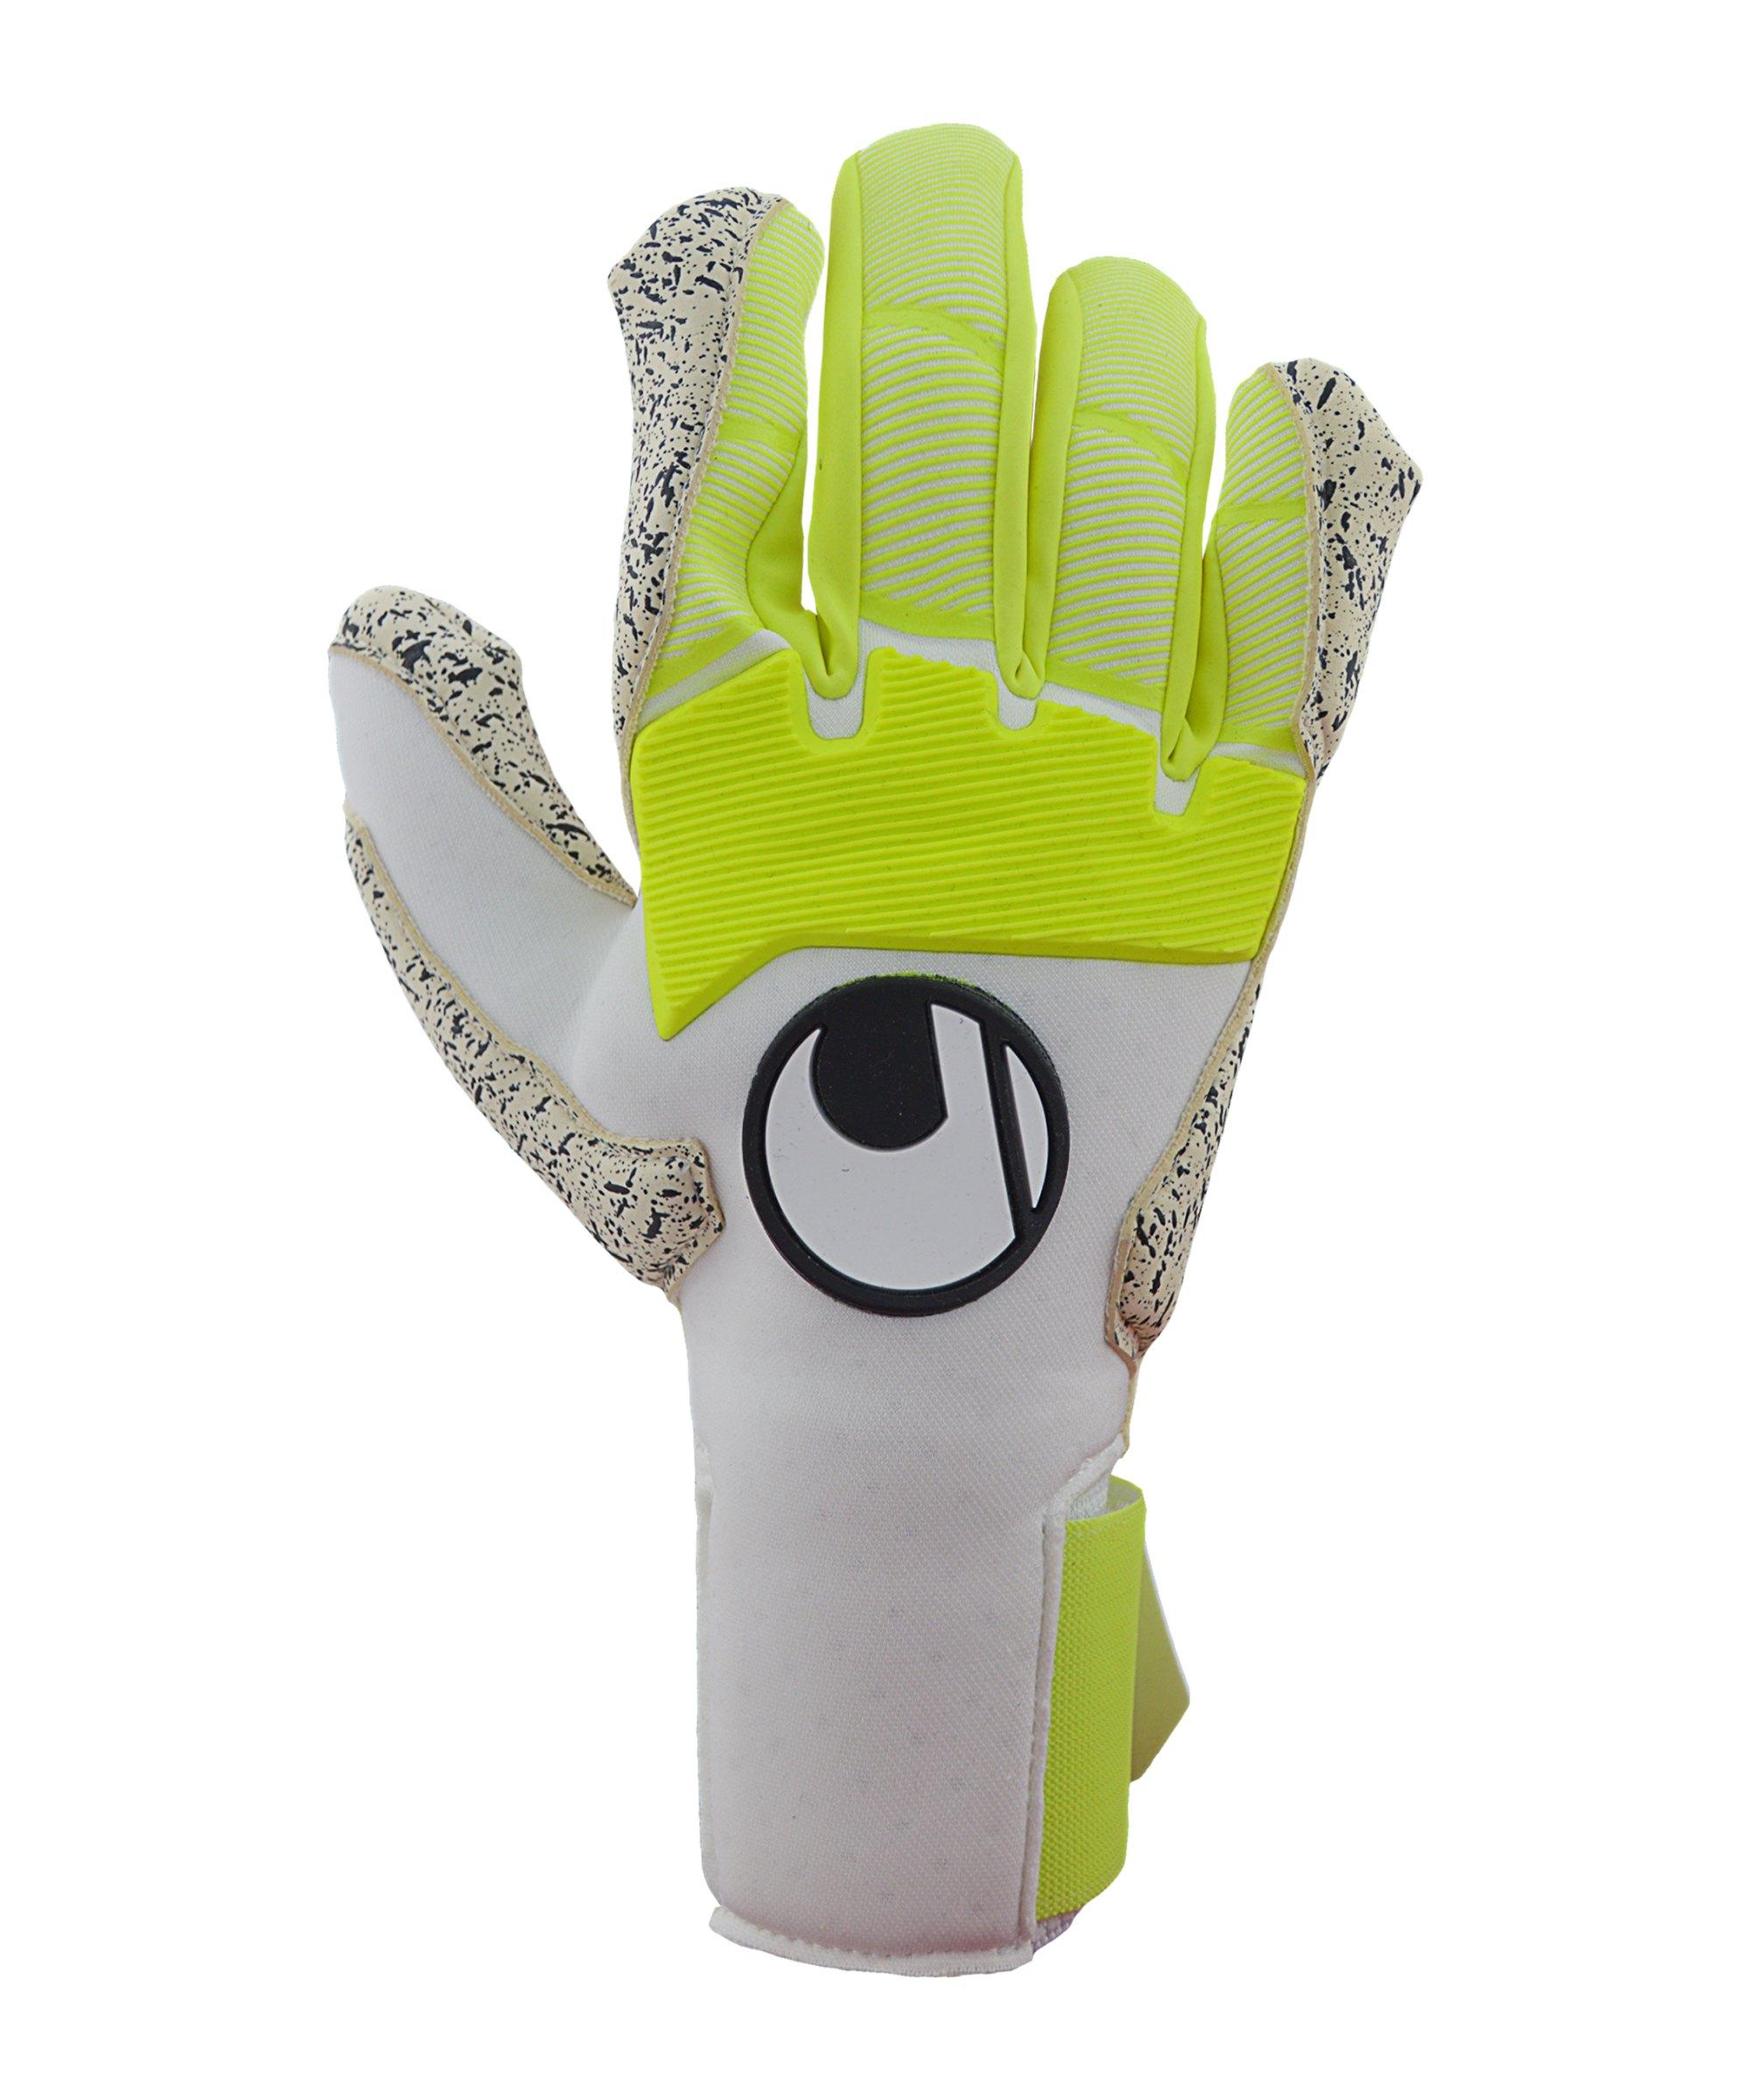 Uhlsport Pure Alliance Supergrip HN Handschuh F01 - schwarz